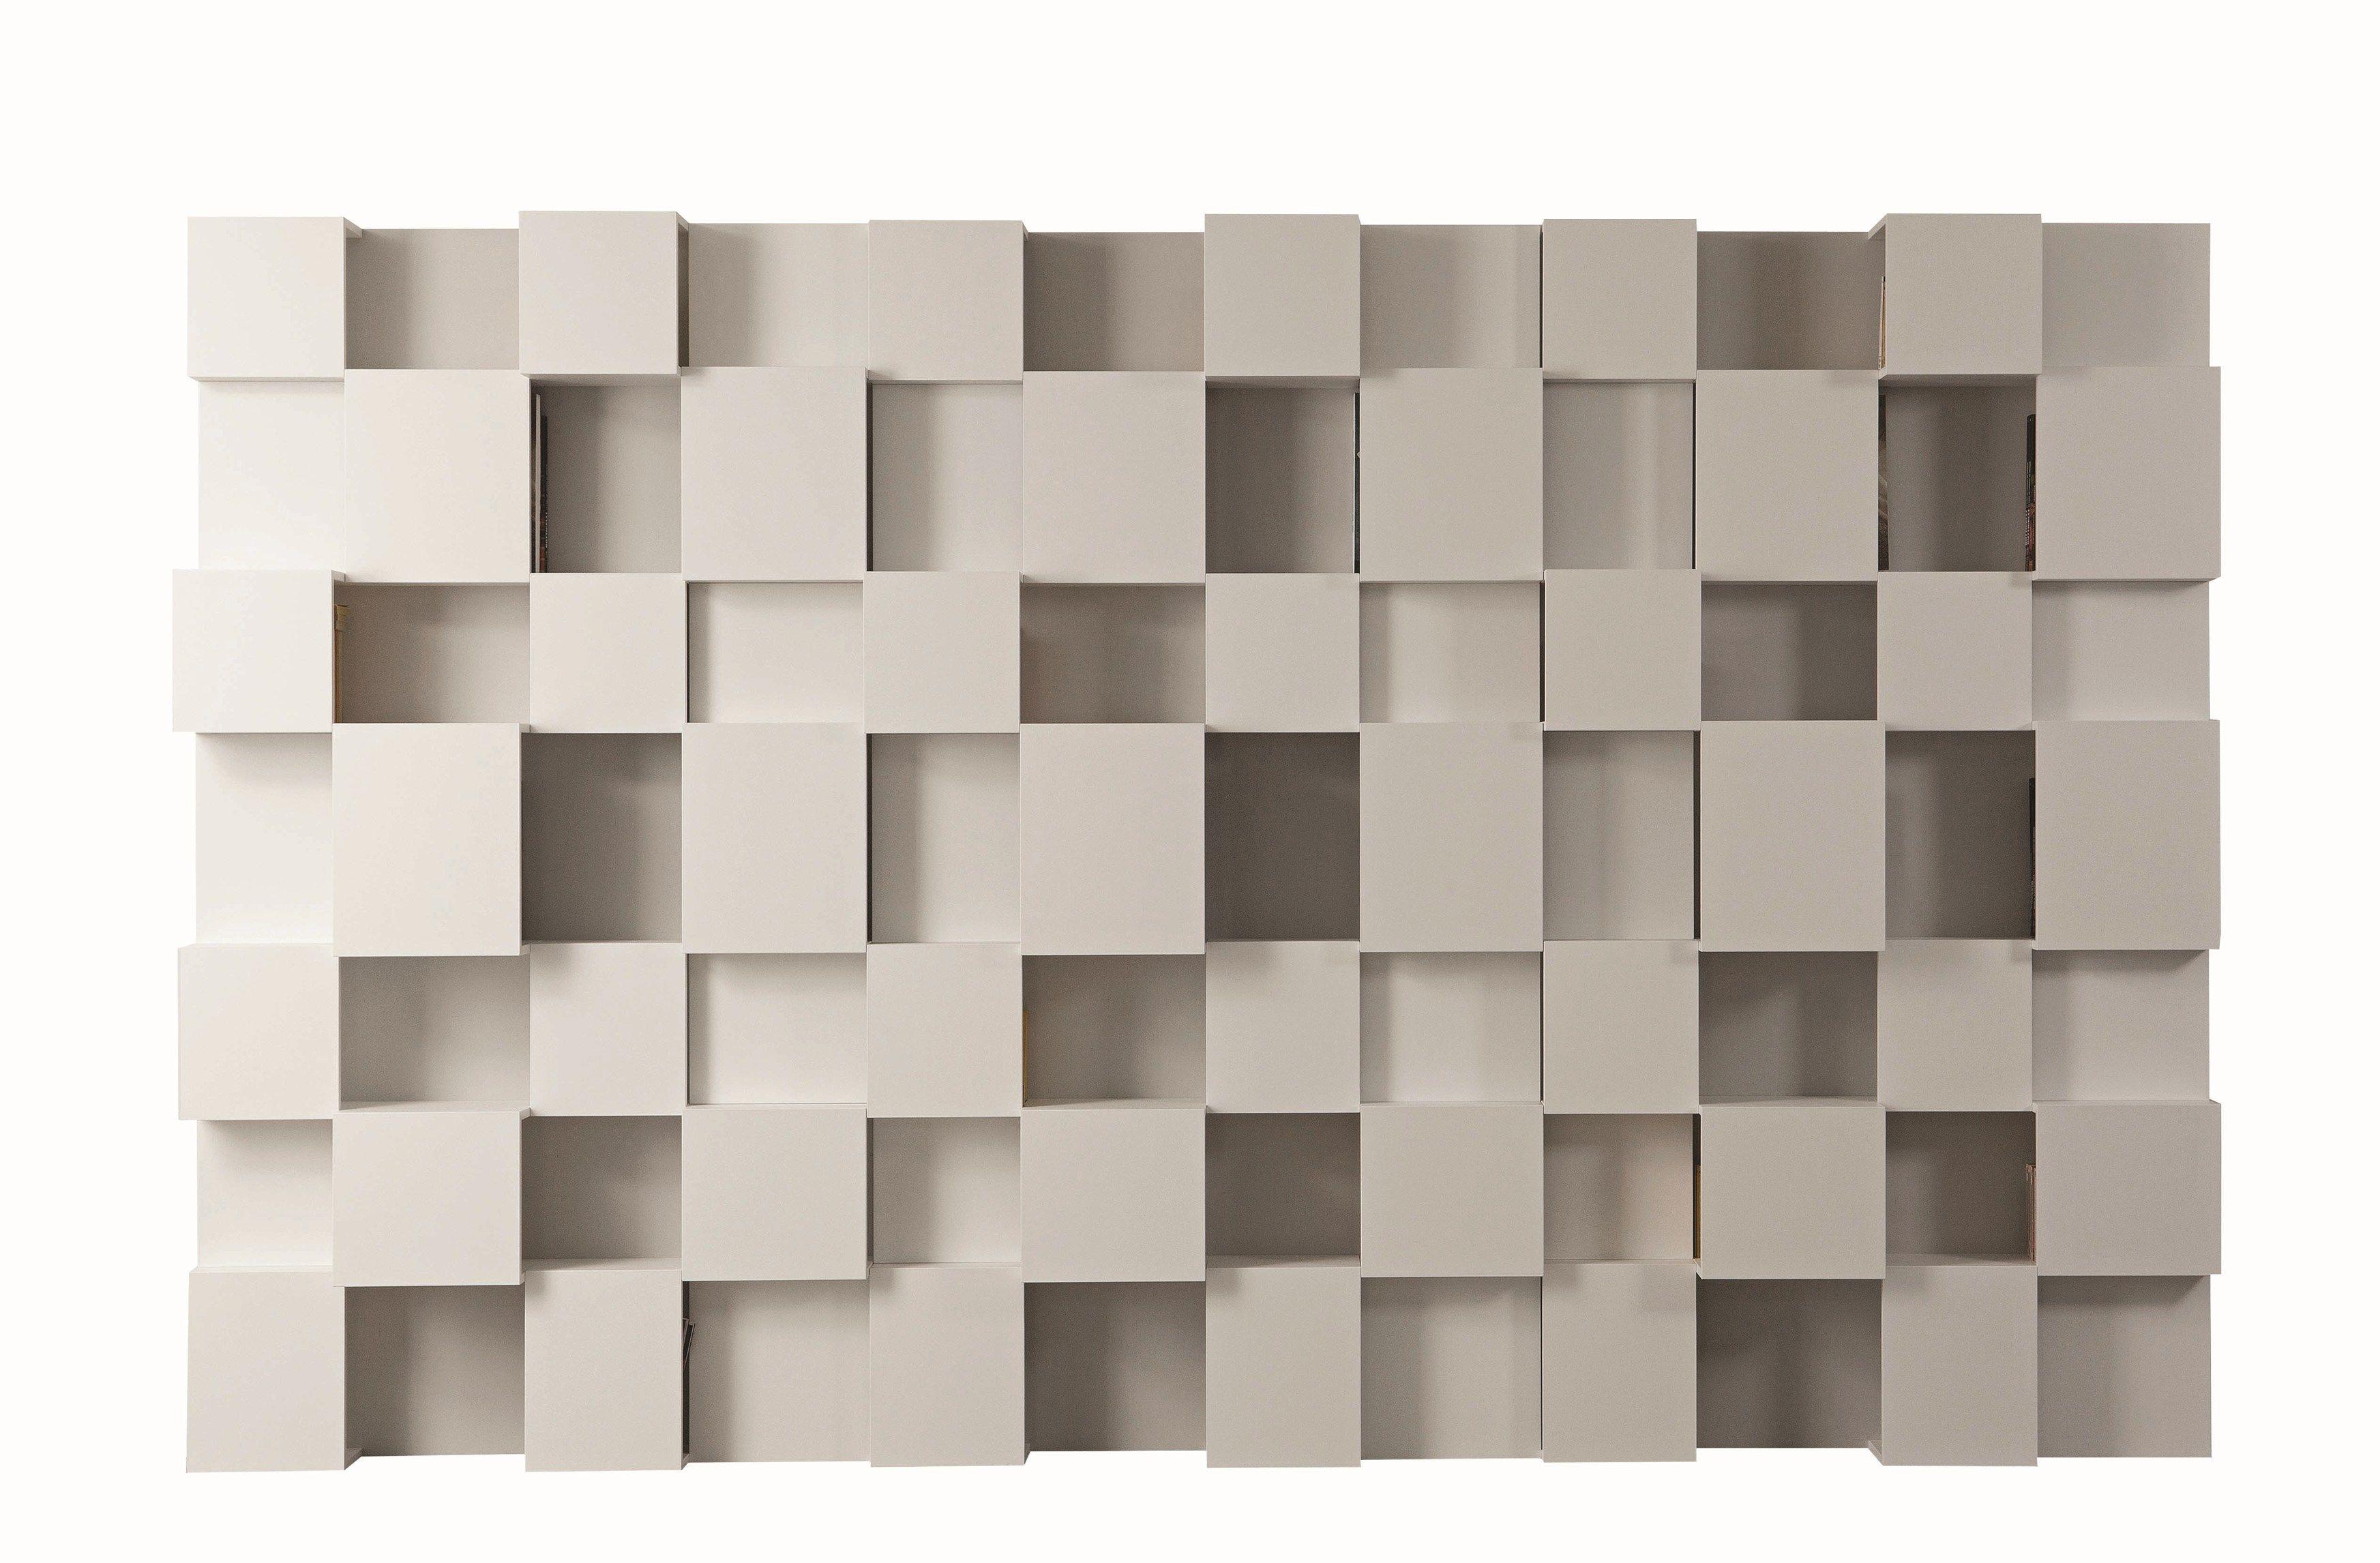 pixl libreria by roche bobois design fabrice berrux. Black Bedroom Furniture Sets. Home Design Ideas